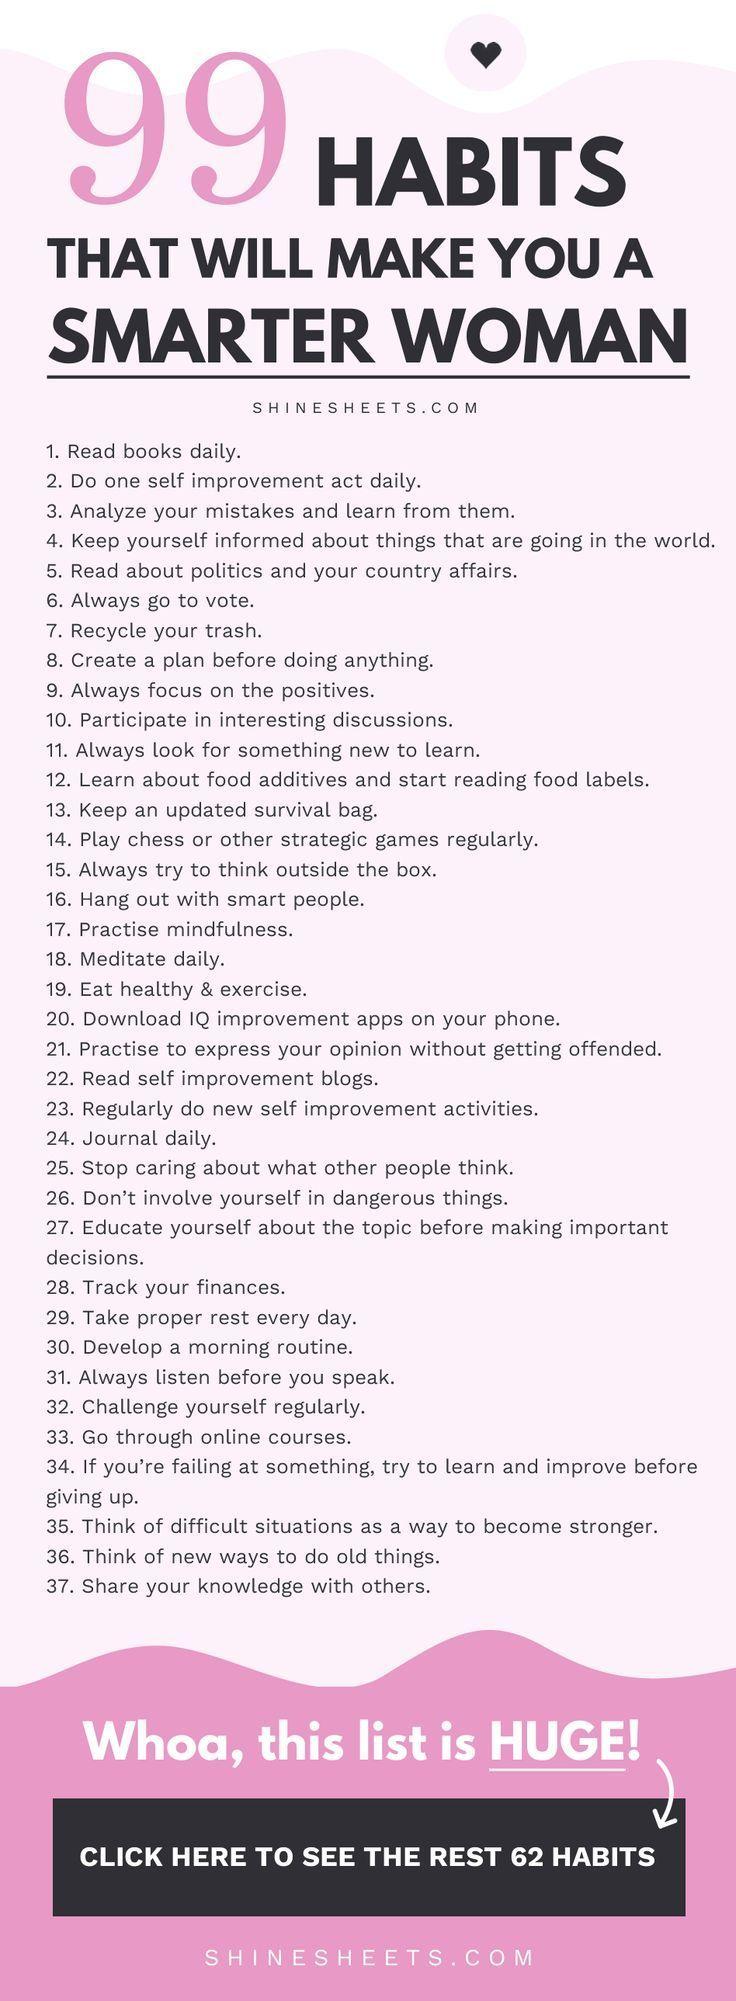 99 Gewohnheiten, die Sie zu einer klügeren Frau machen -  Fitness Goals - #die #einer #Fitness #Frau...